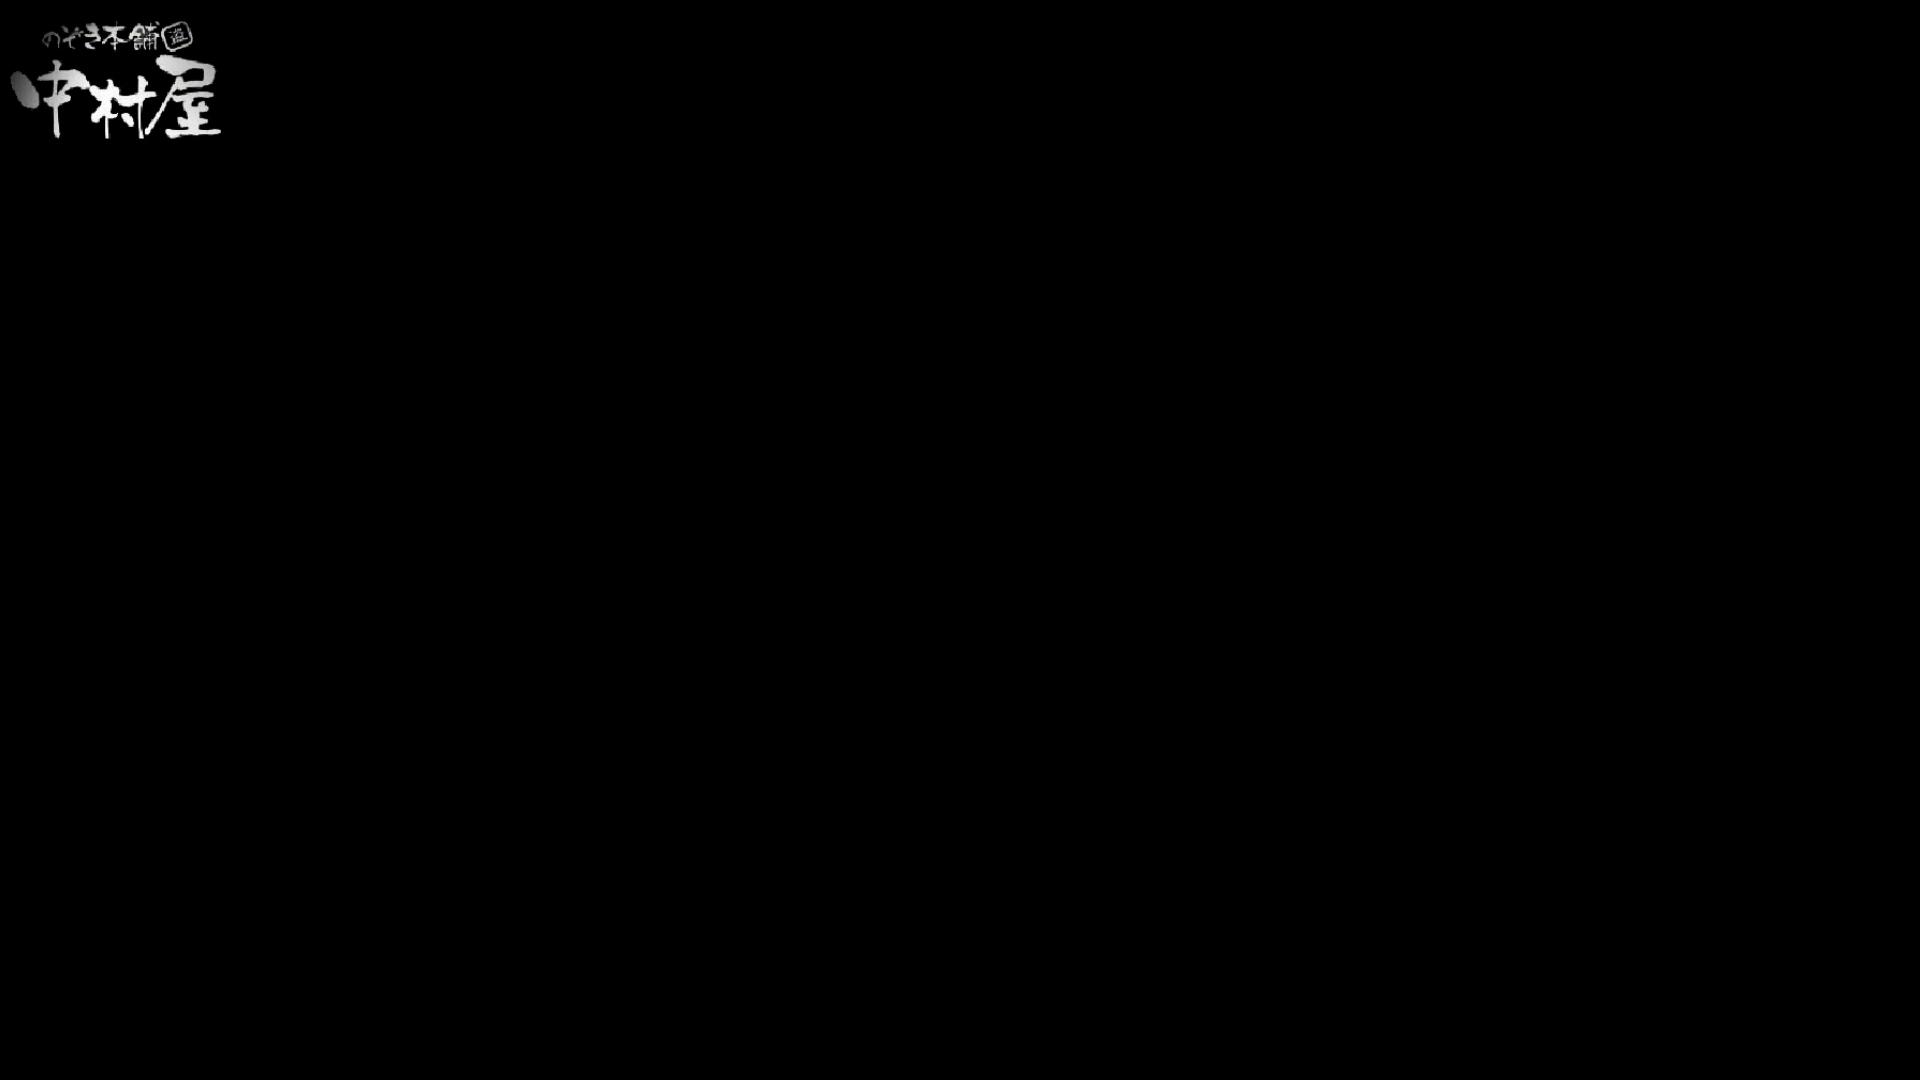 雅さんが厳選新年特別コンテンツ!激走!東京マラソン選手専用女子トイレvol.9 トイレの中の女の子 おめこ無修正画像 53連発 11